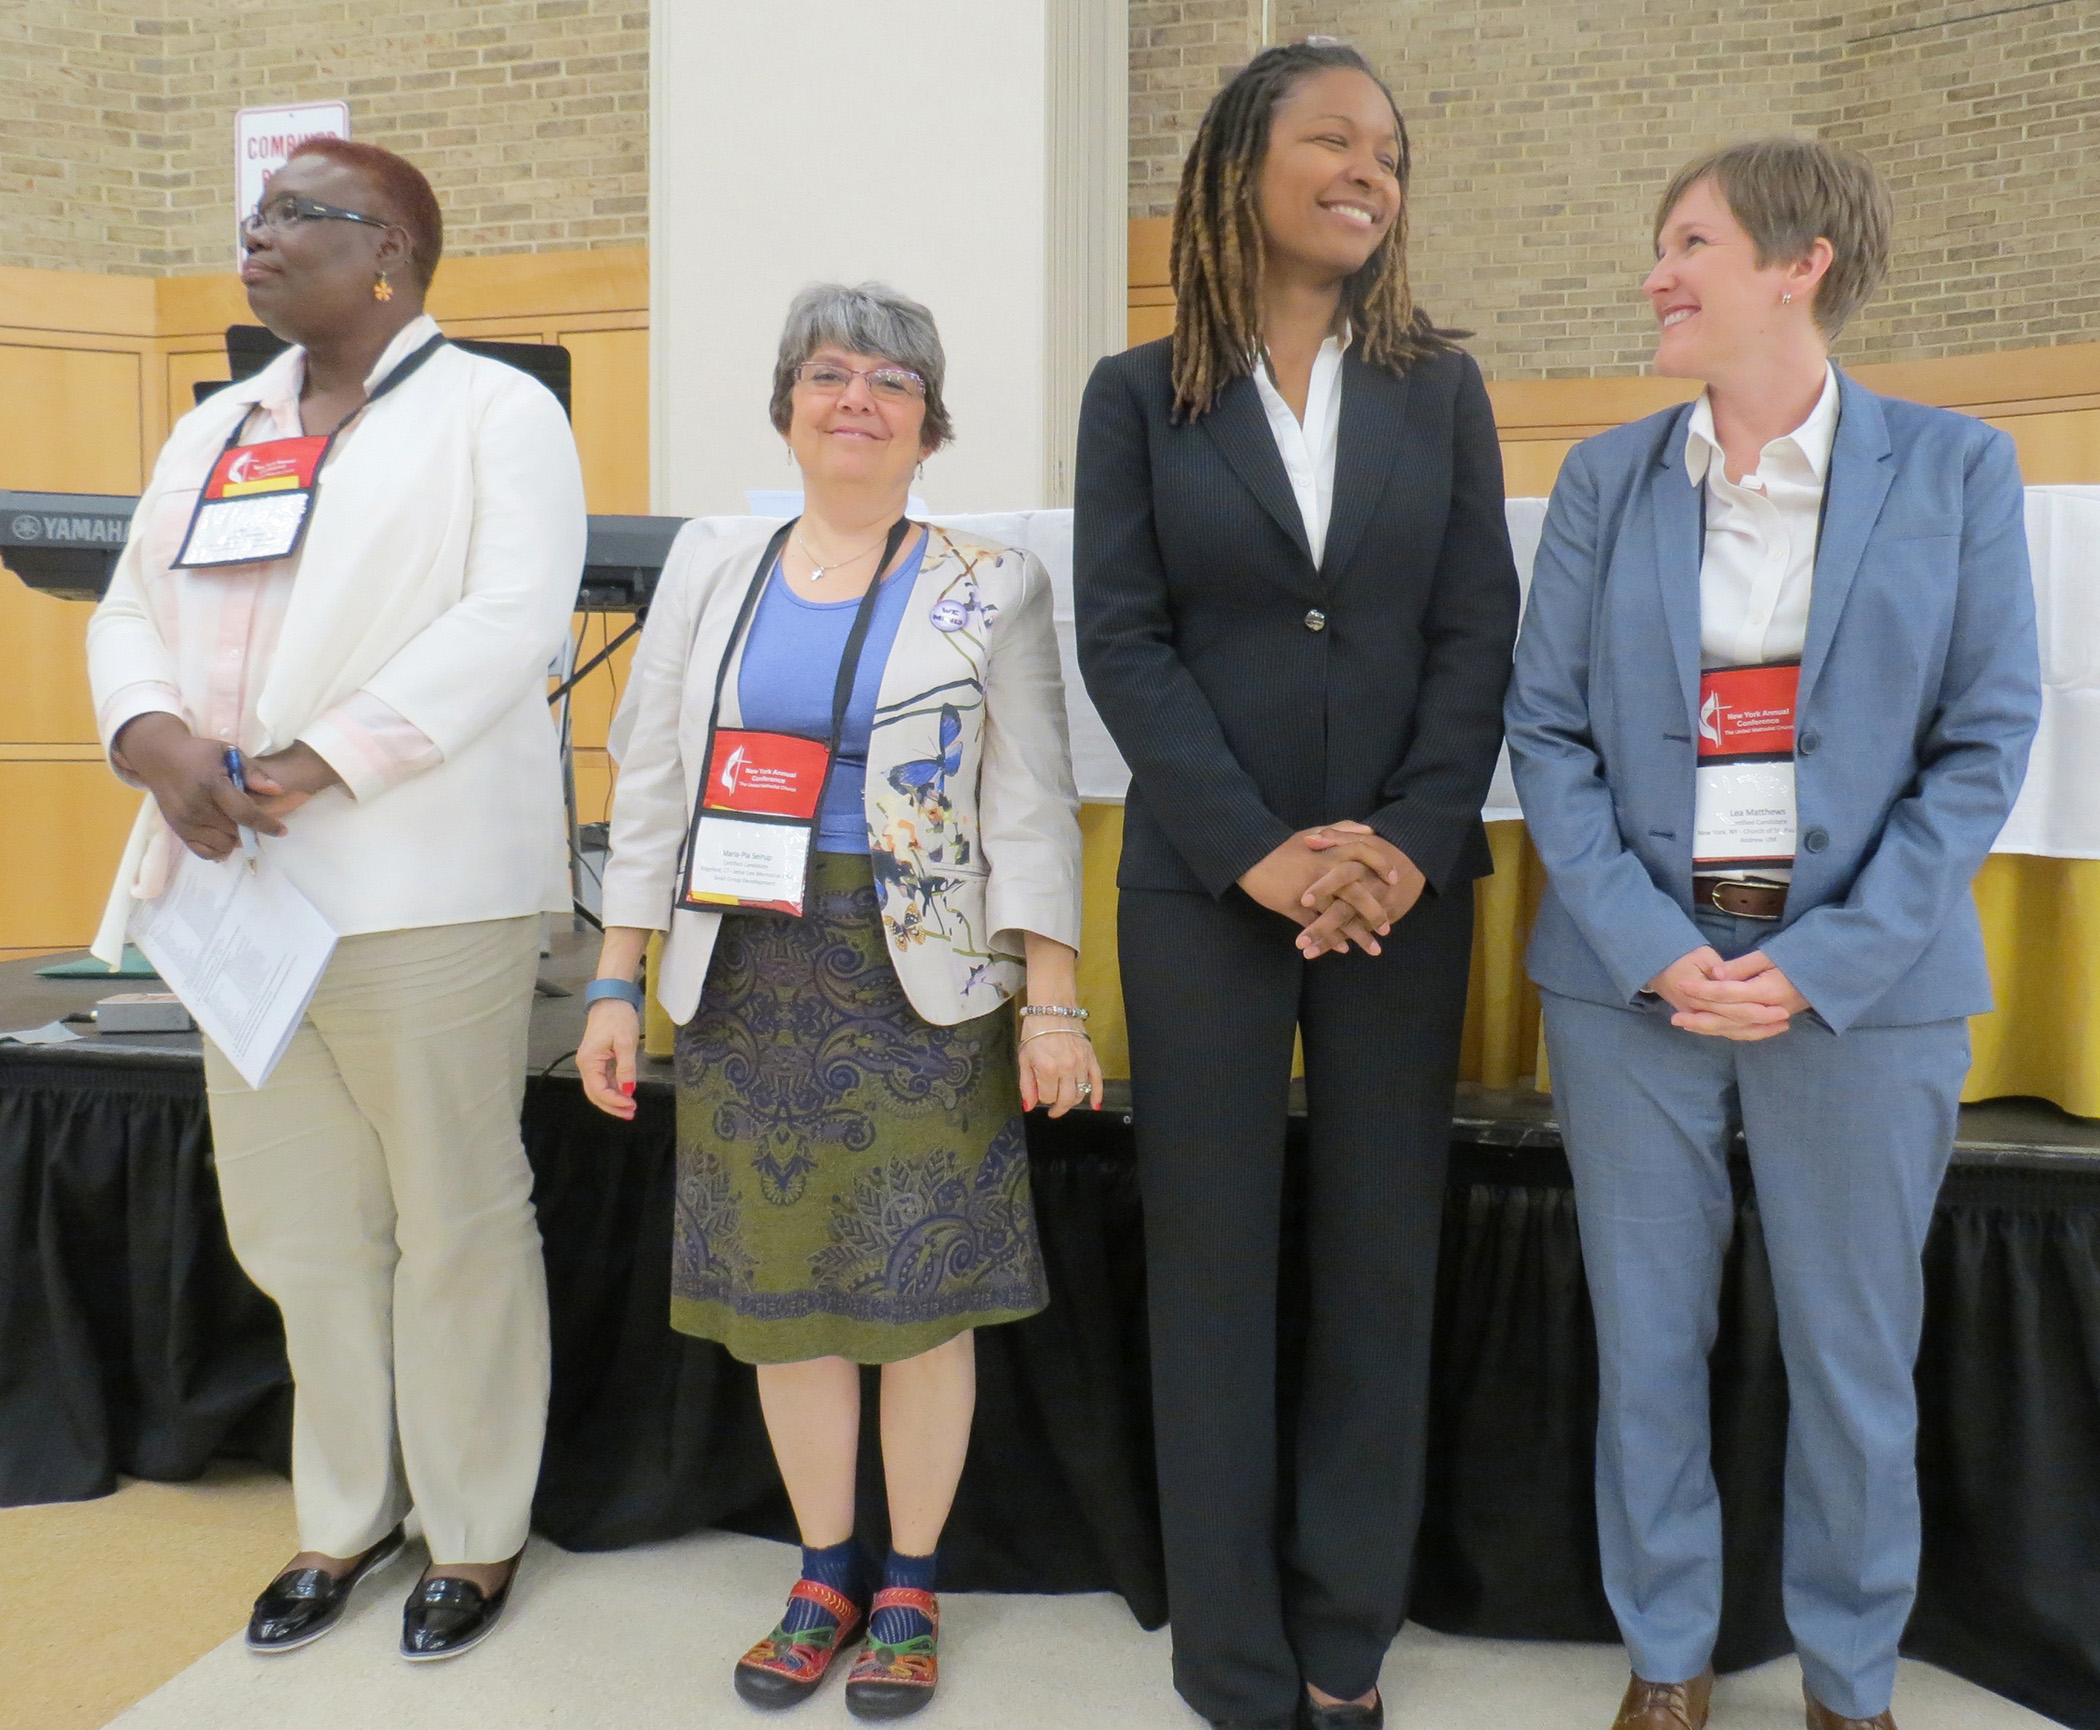 Elyse Ambrosio, segundo desde la derecha, y Lea Matthews, más a la derecha, se encontraban entre el grupo aprobado como diáconos provisional por la Conferencia de Nueva York. Foto por Joanne Utley